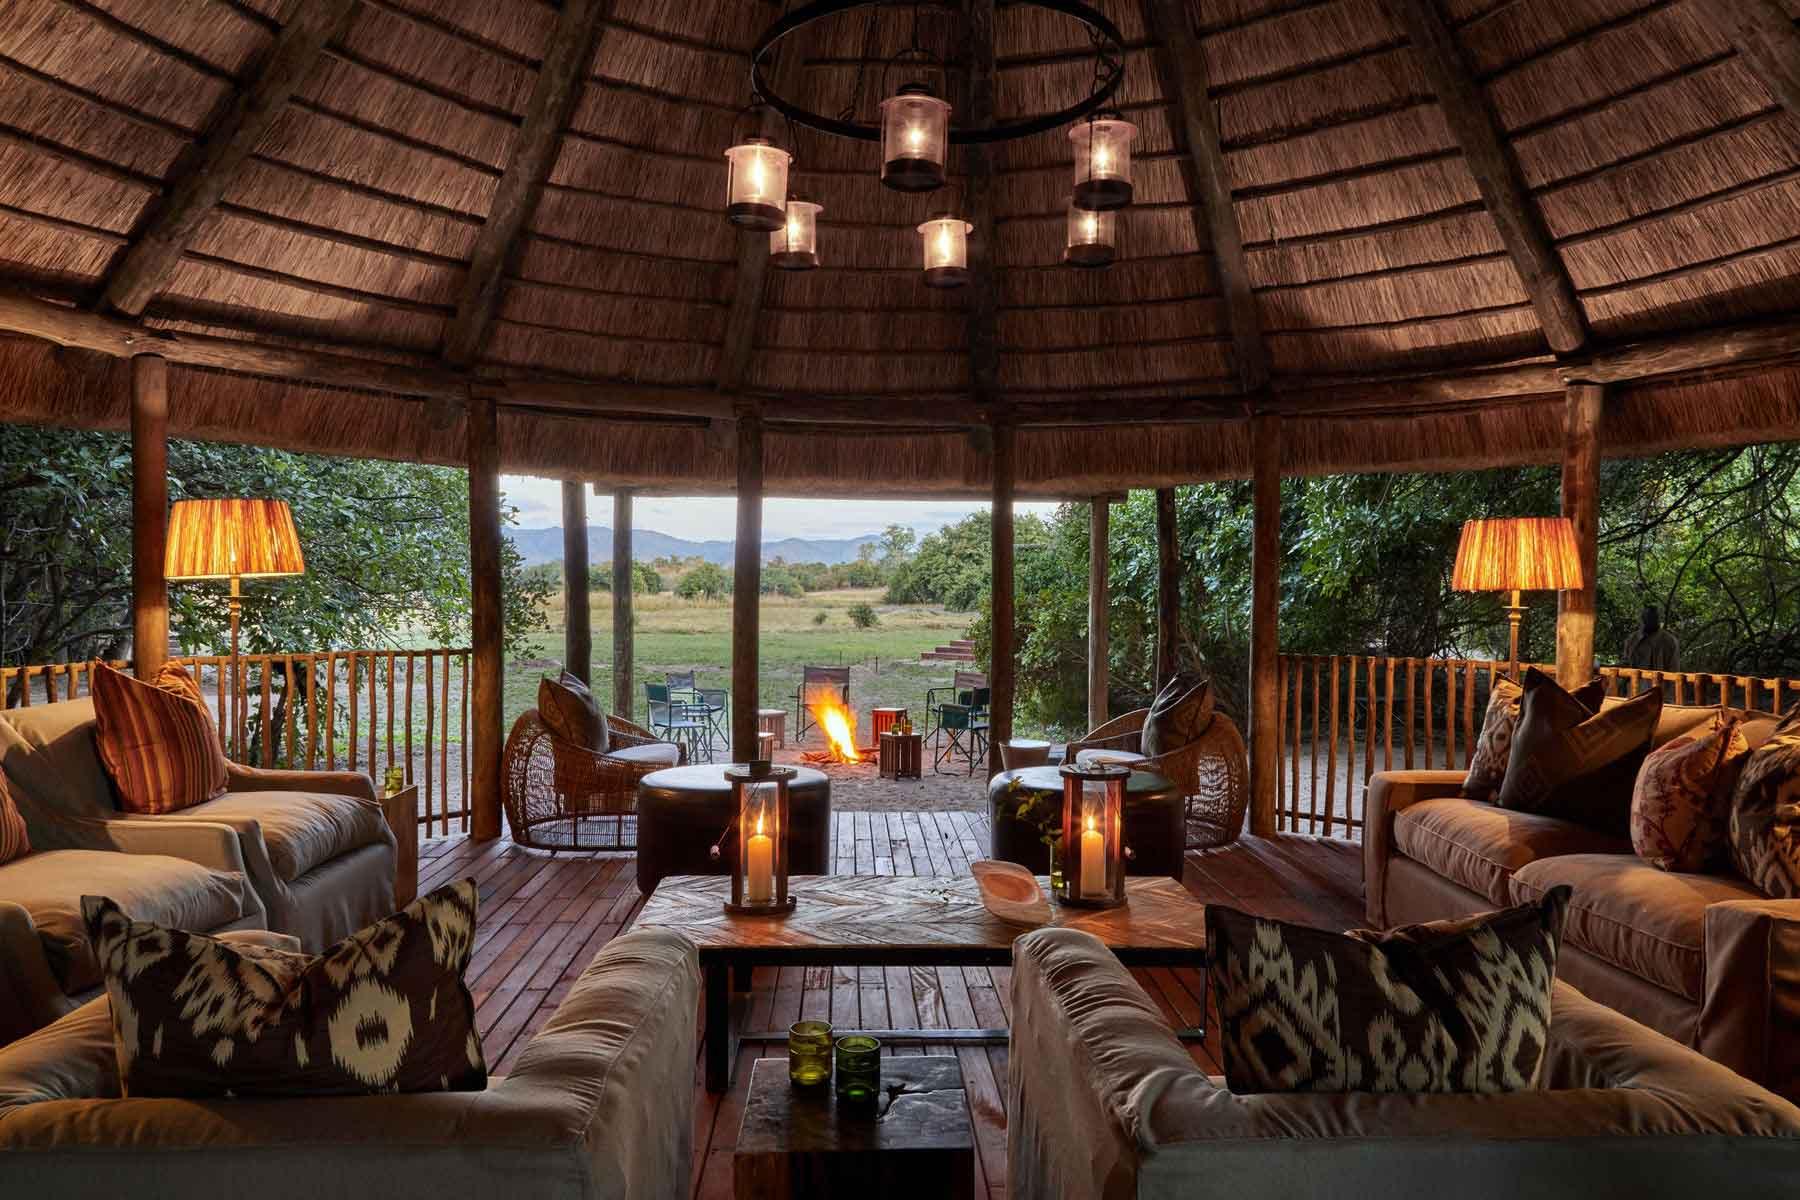 Kuyenda Zambia